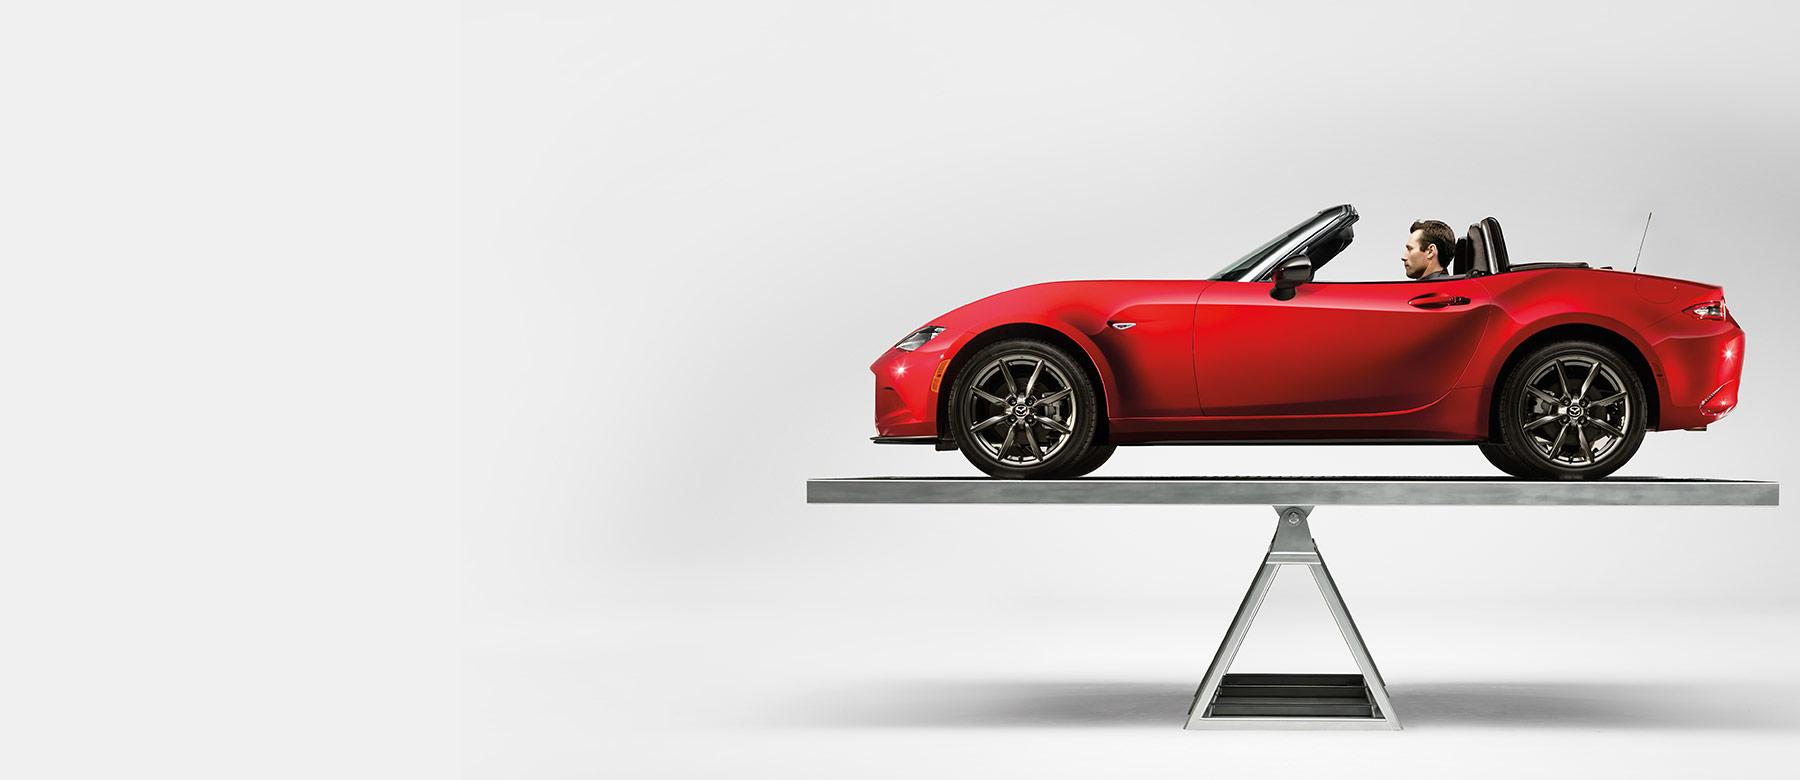 2017 mazda mx 5 miata convertible roadster mazda usa. Black Bedroom Furniture Sets. Home Design Ideas